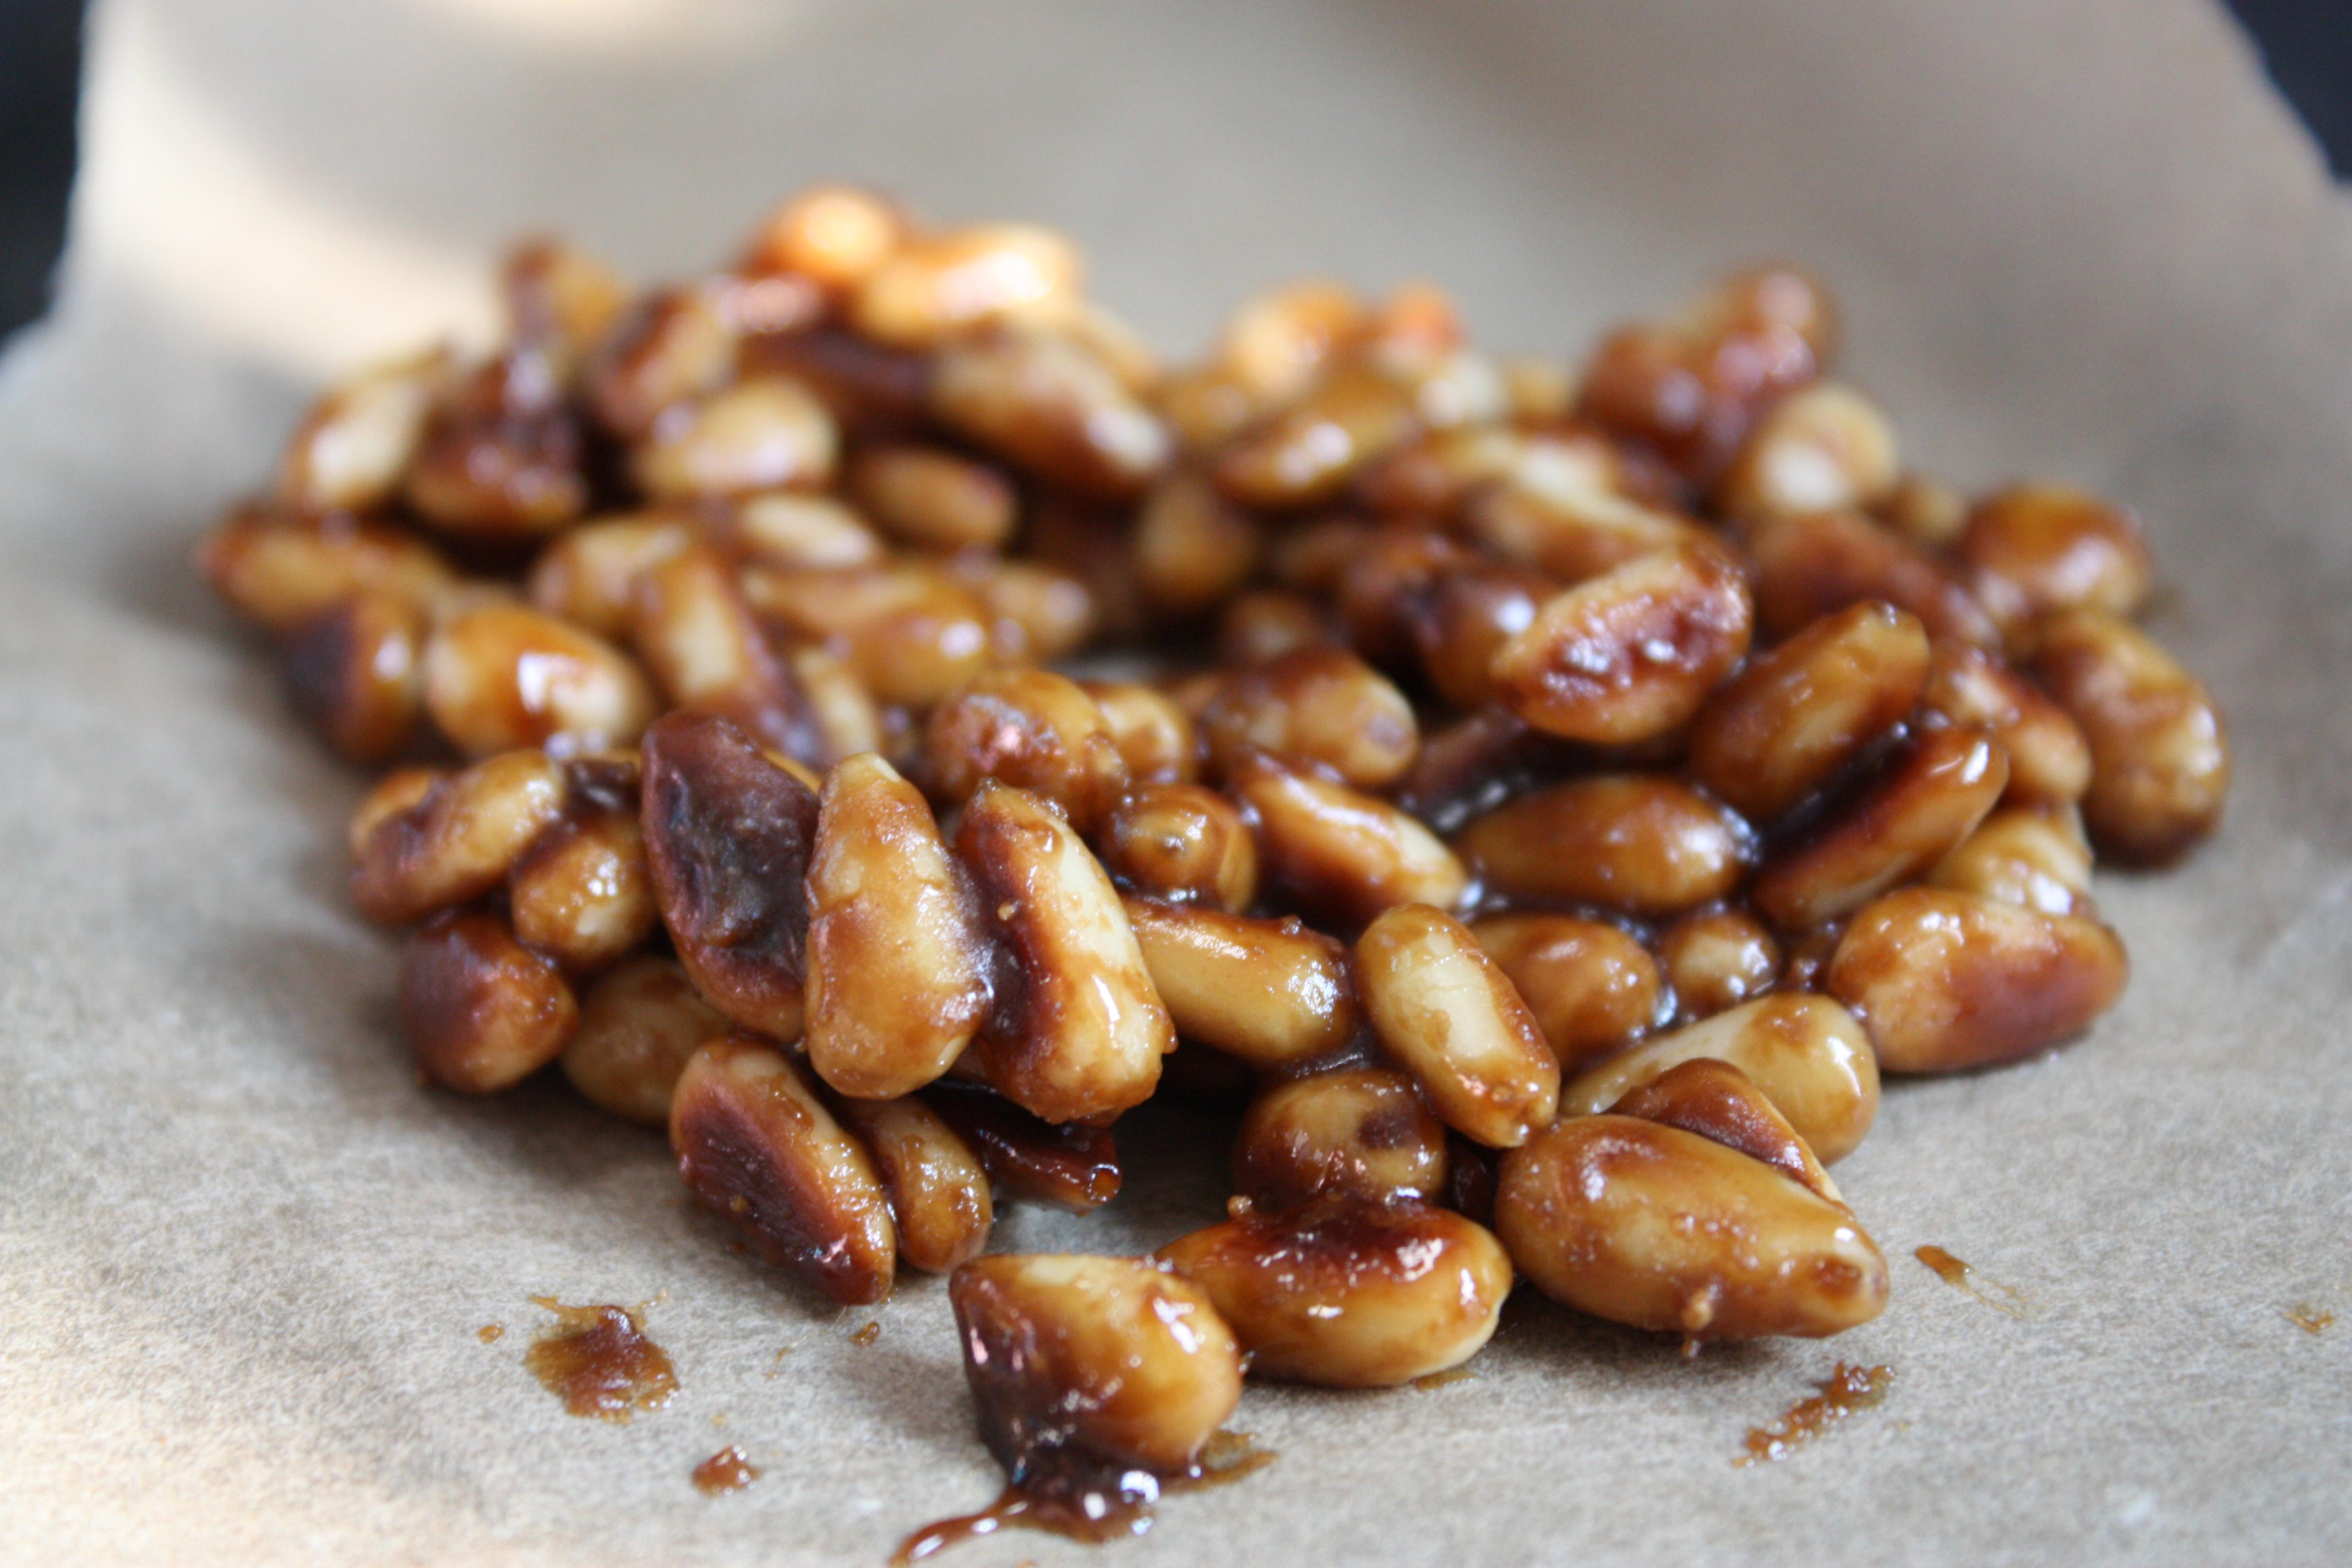 Pignons de pin caramélisés pour apporter du croquant à sa salade sucré/salé